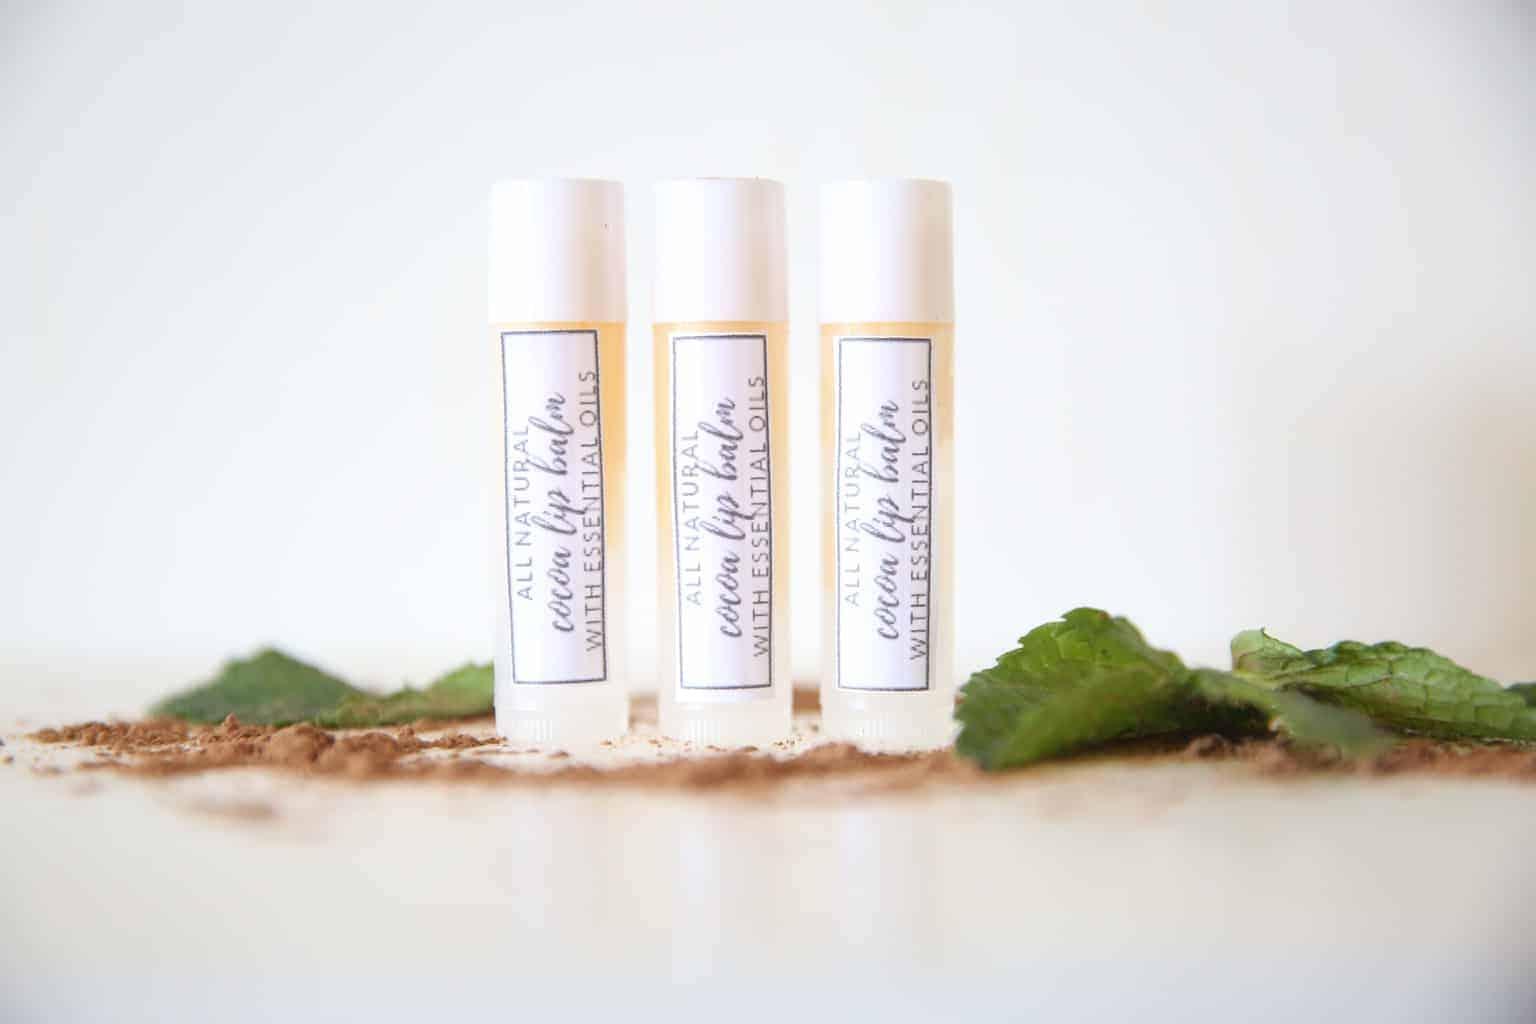 DIY Lip Balm with Essential Oils